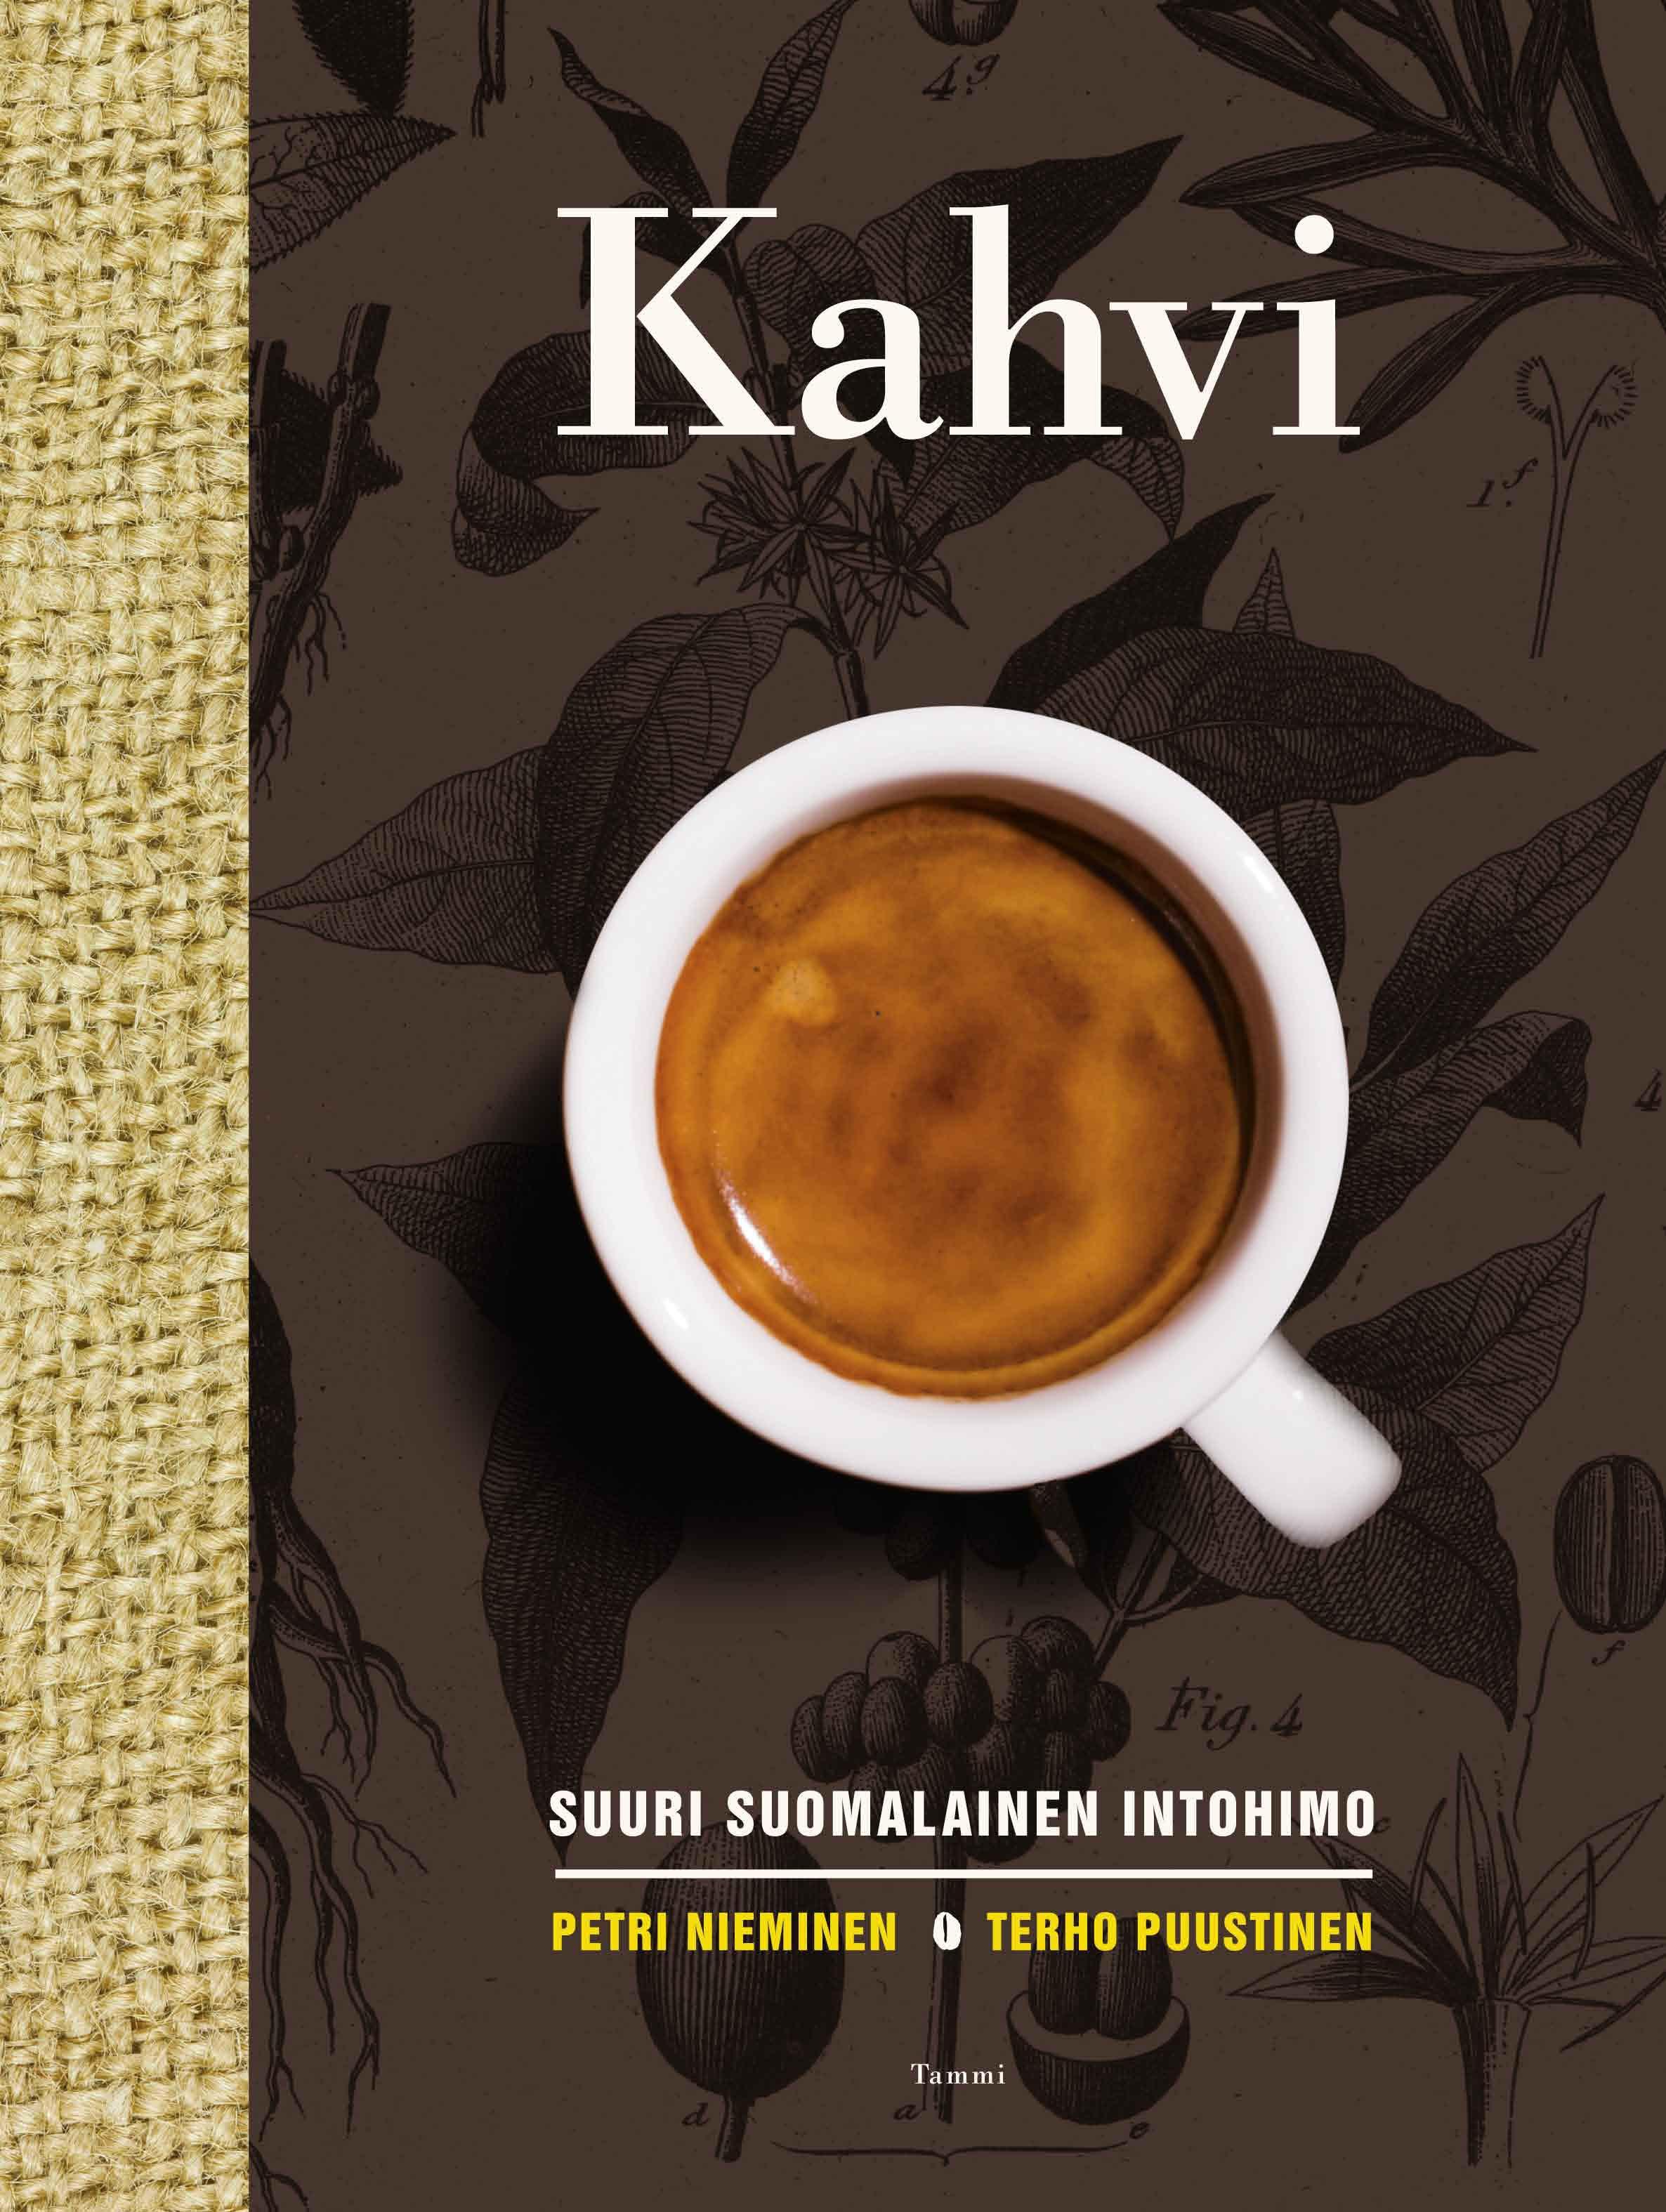 Suomalainen kahvi